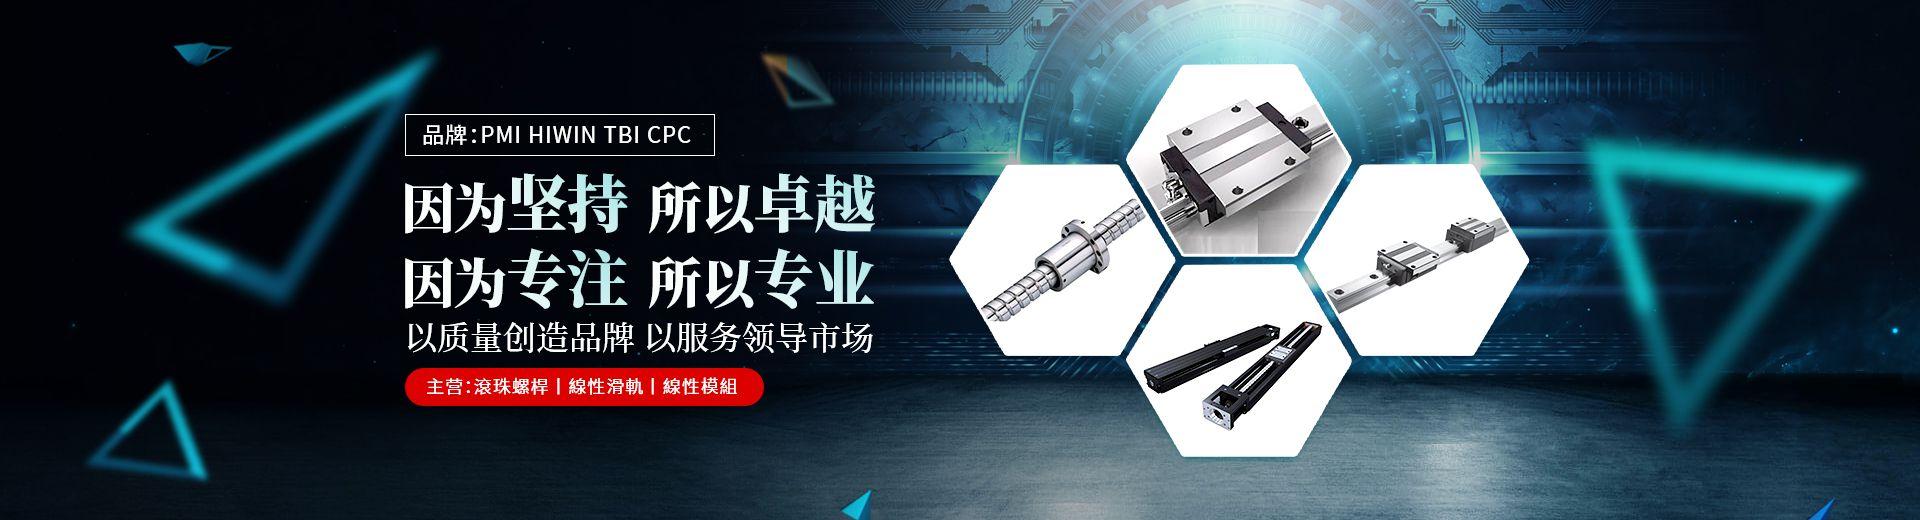 东莞市万捷传动科技有限公司